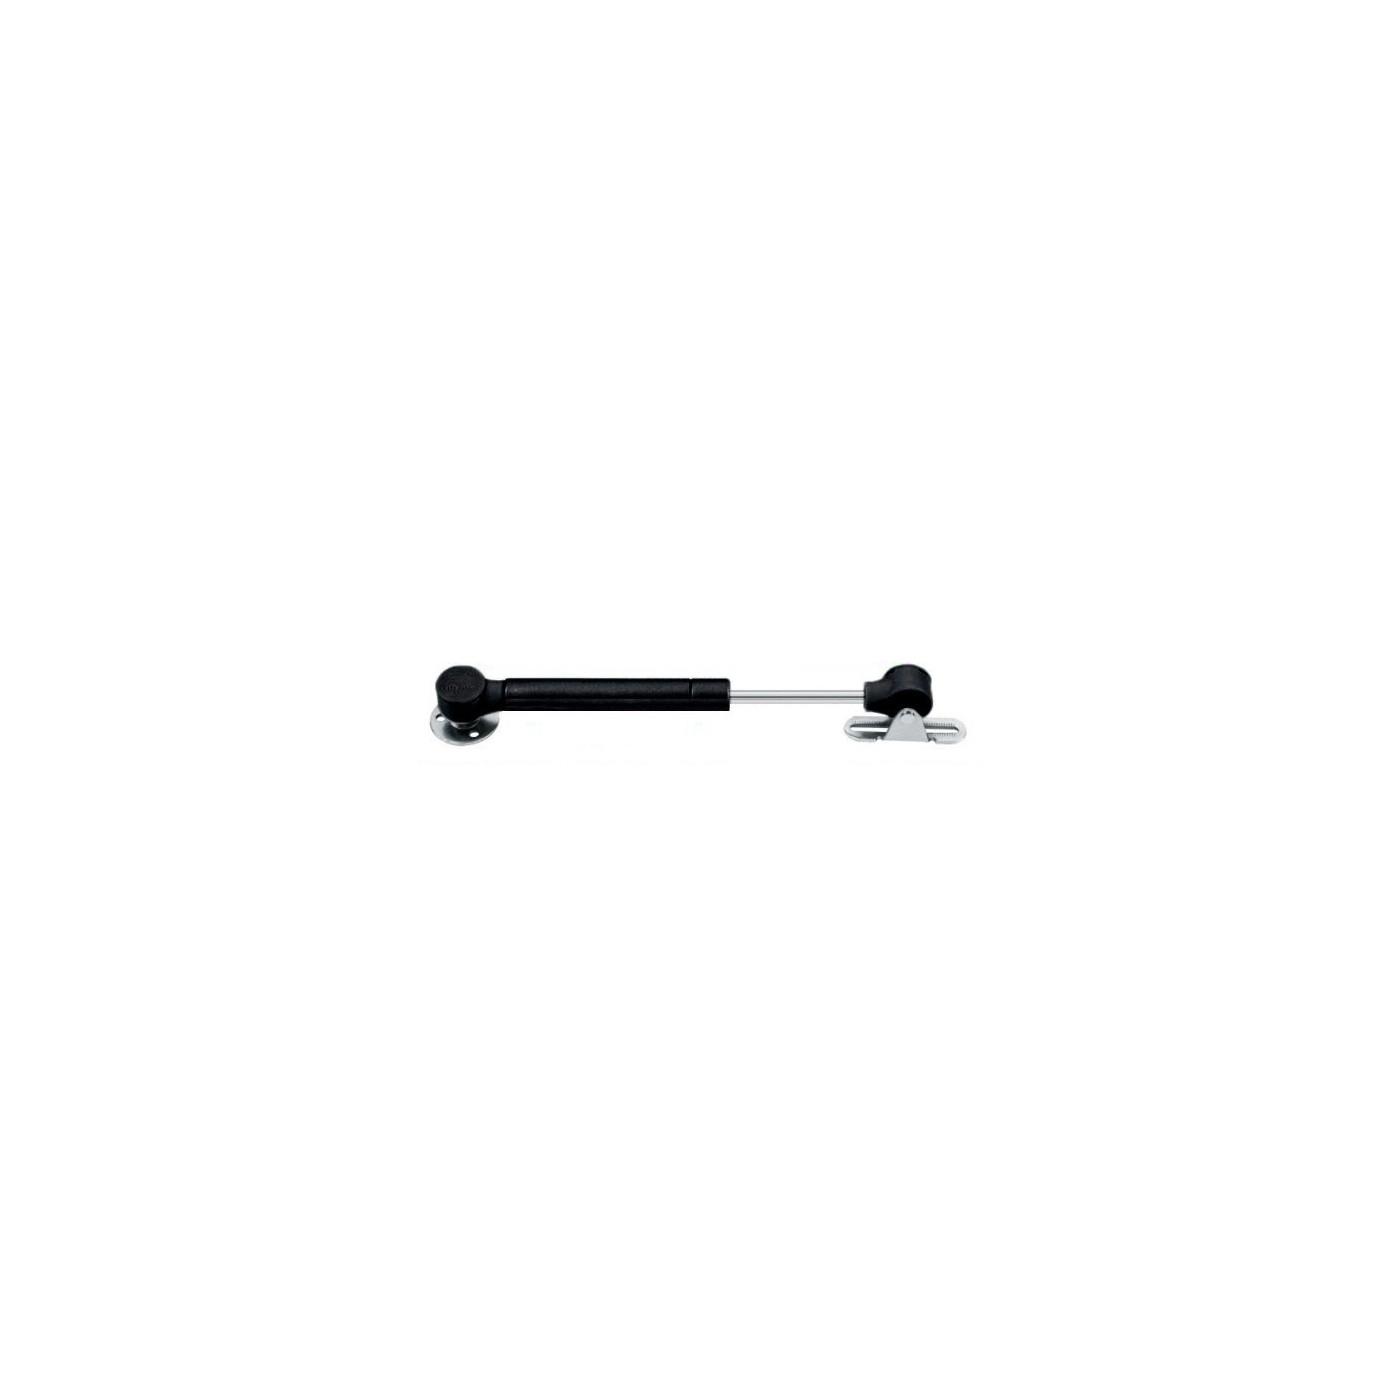 Vérin à gaz universel avec supports (50N / 5kg, 172 mm, noir)